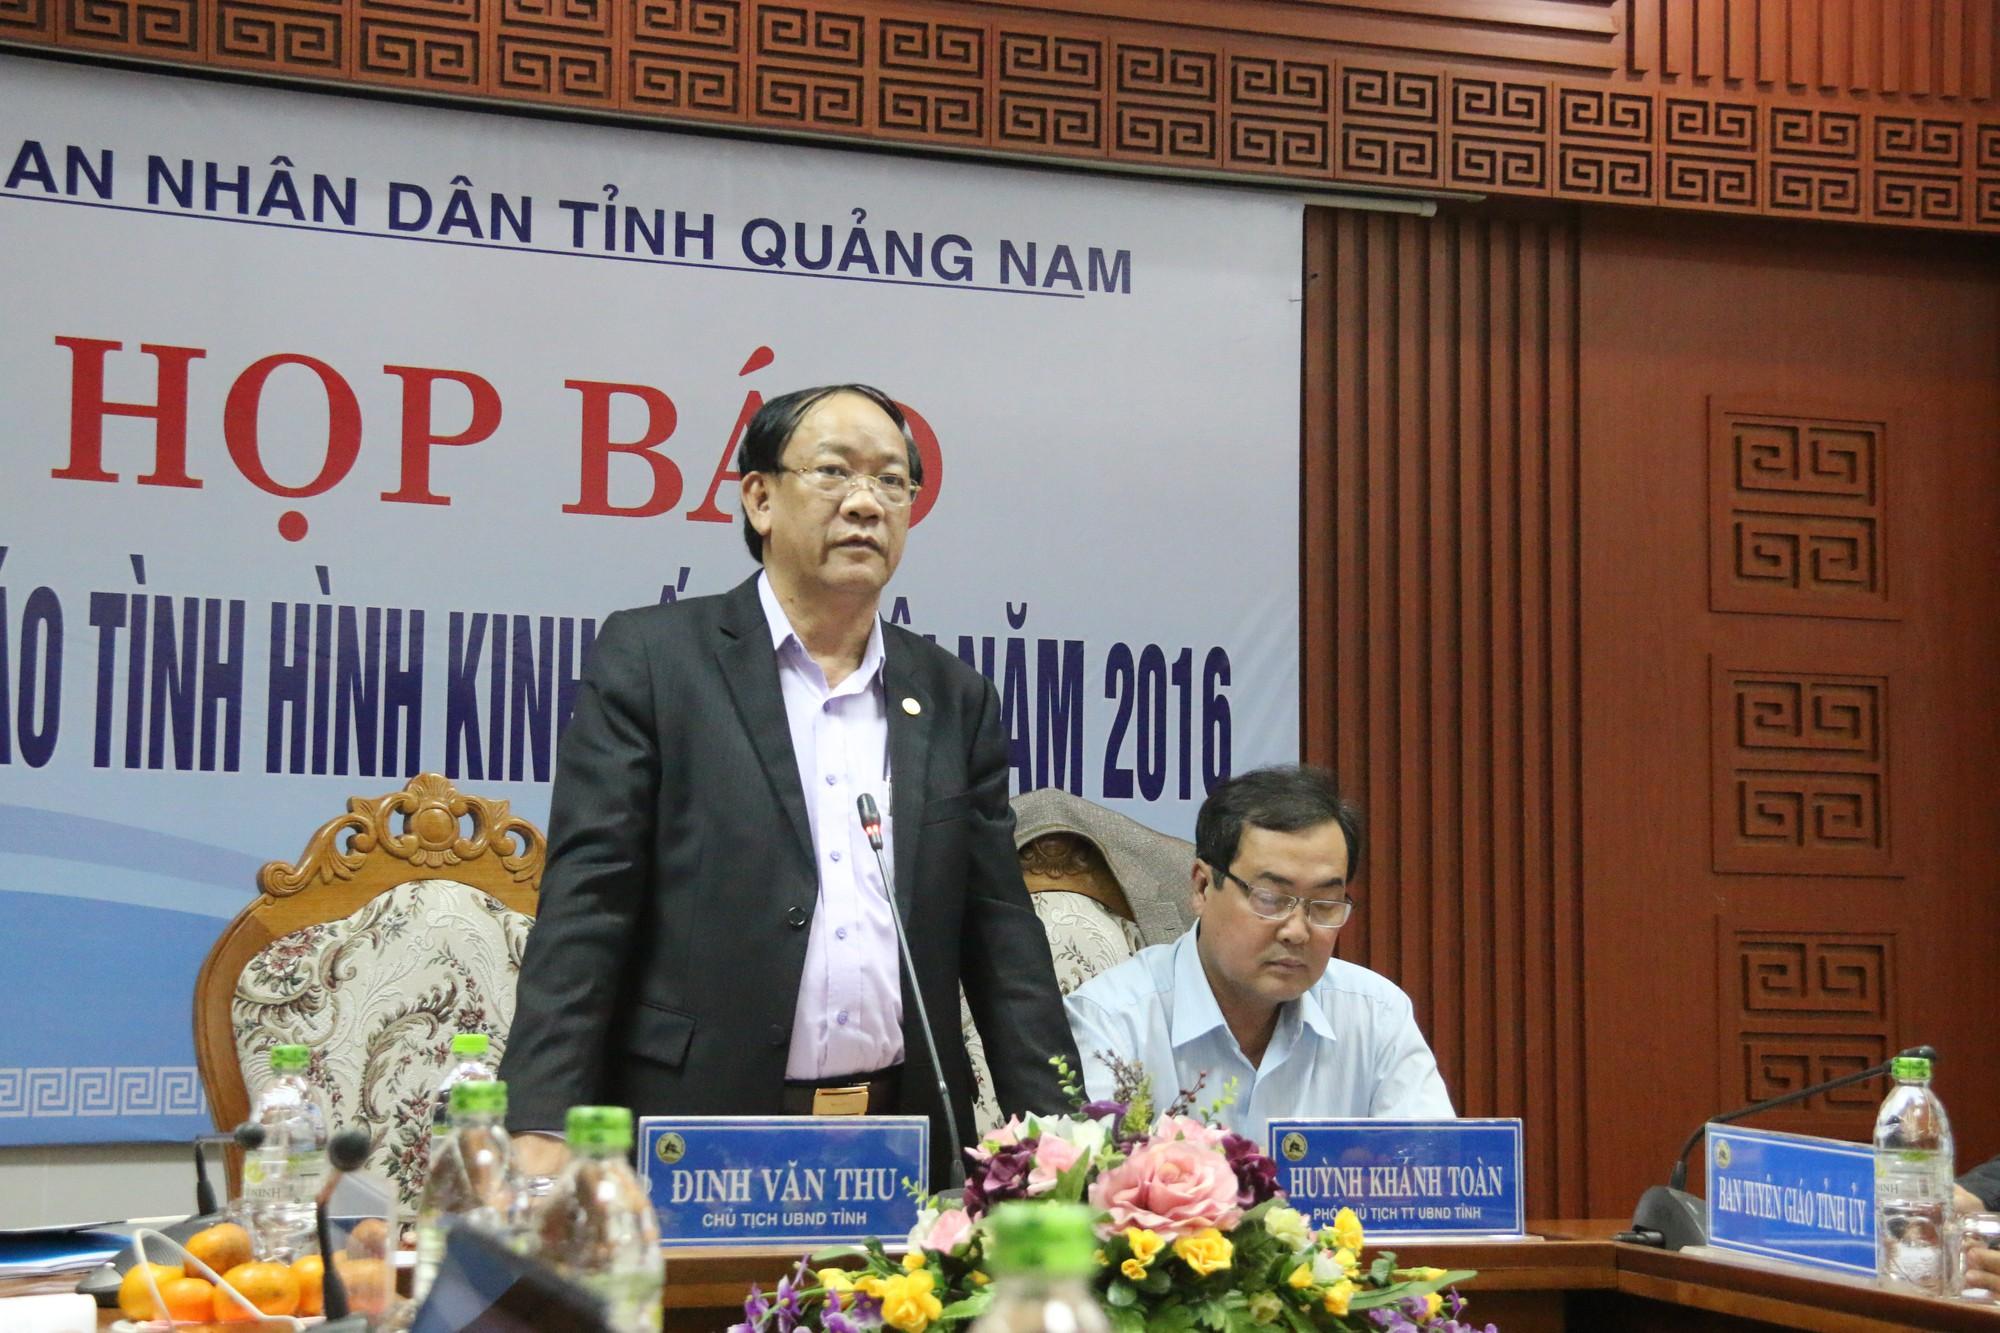 (eMagazine) - Bổ nhiệm con quan và những sai phạm của lãnh đạo tỉnh Quảng Nam - Ảnh 6.